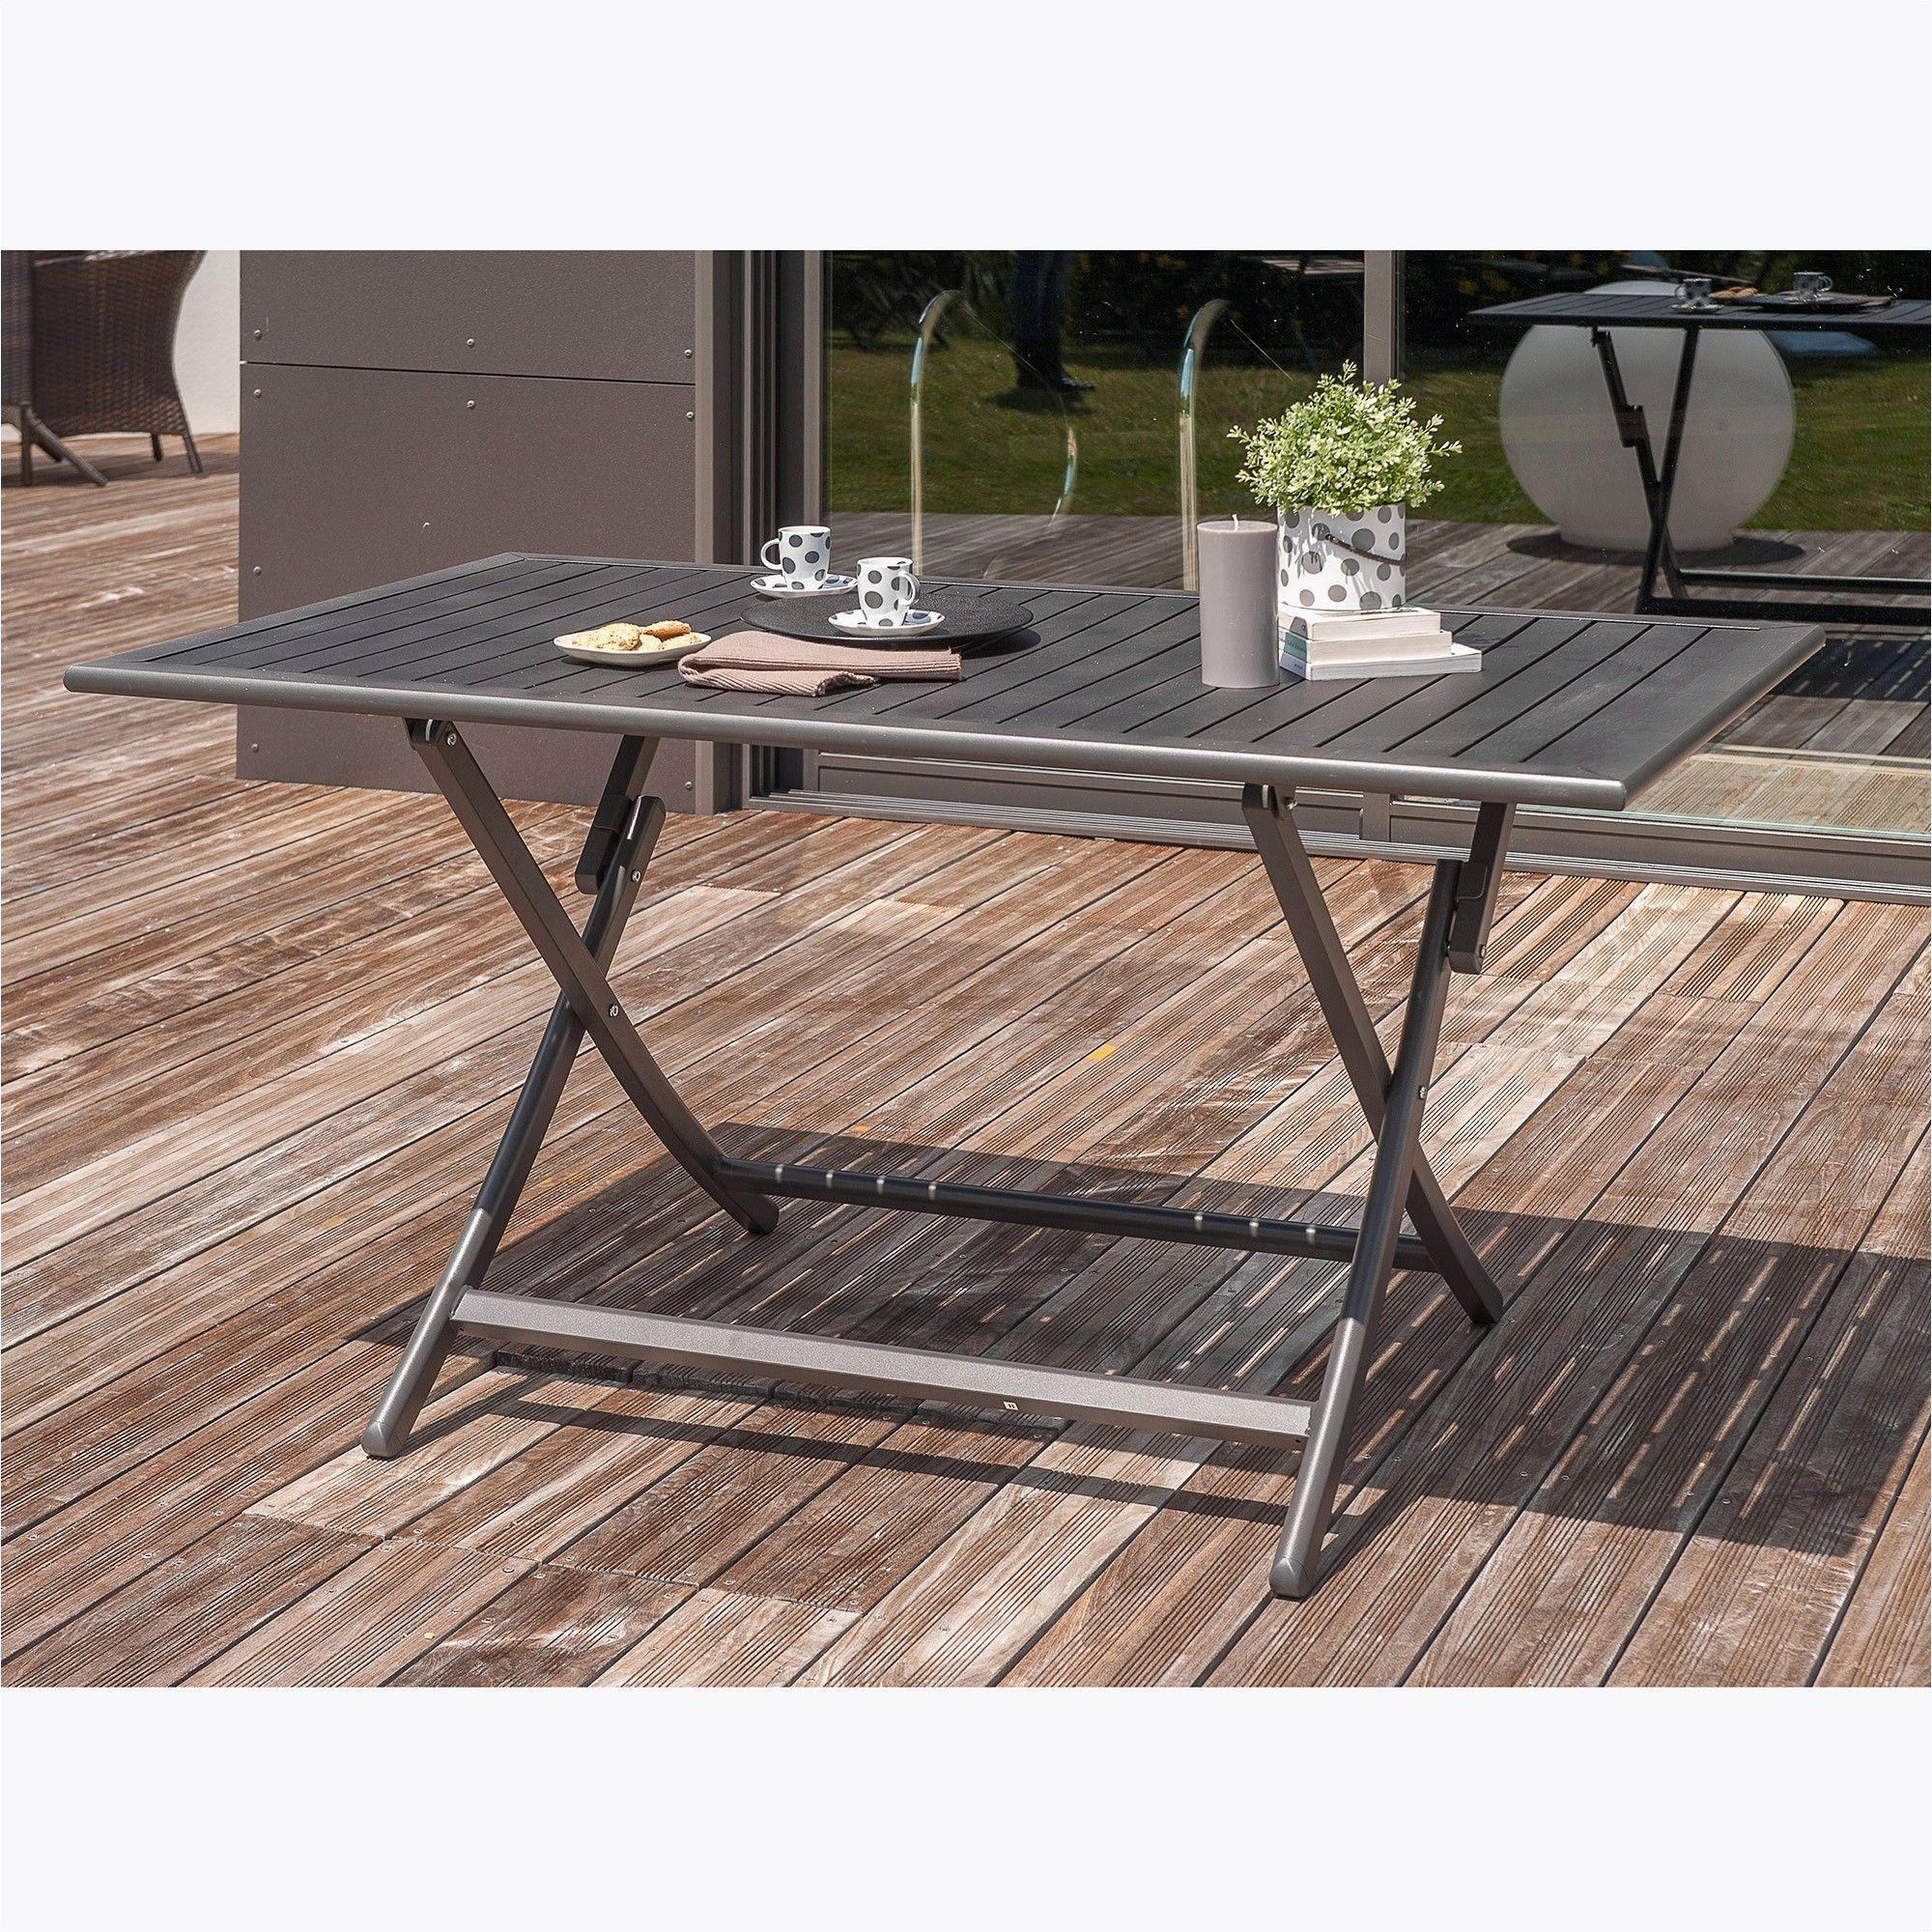 Table Pliante Leclerc Beau S Leclerc Table De Jardin ... concernant Table Et Chaises De Jardin Leclerc